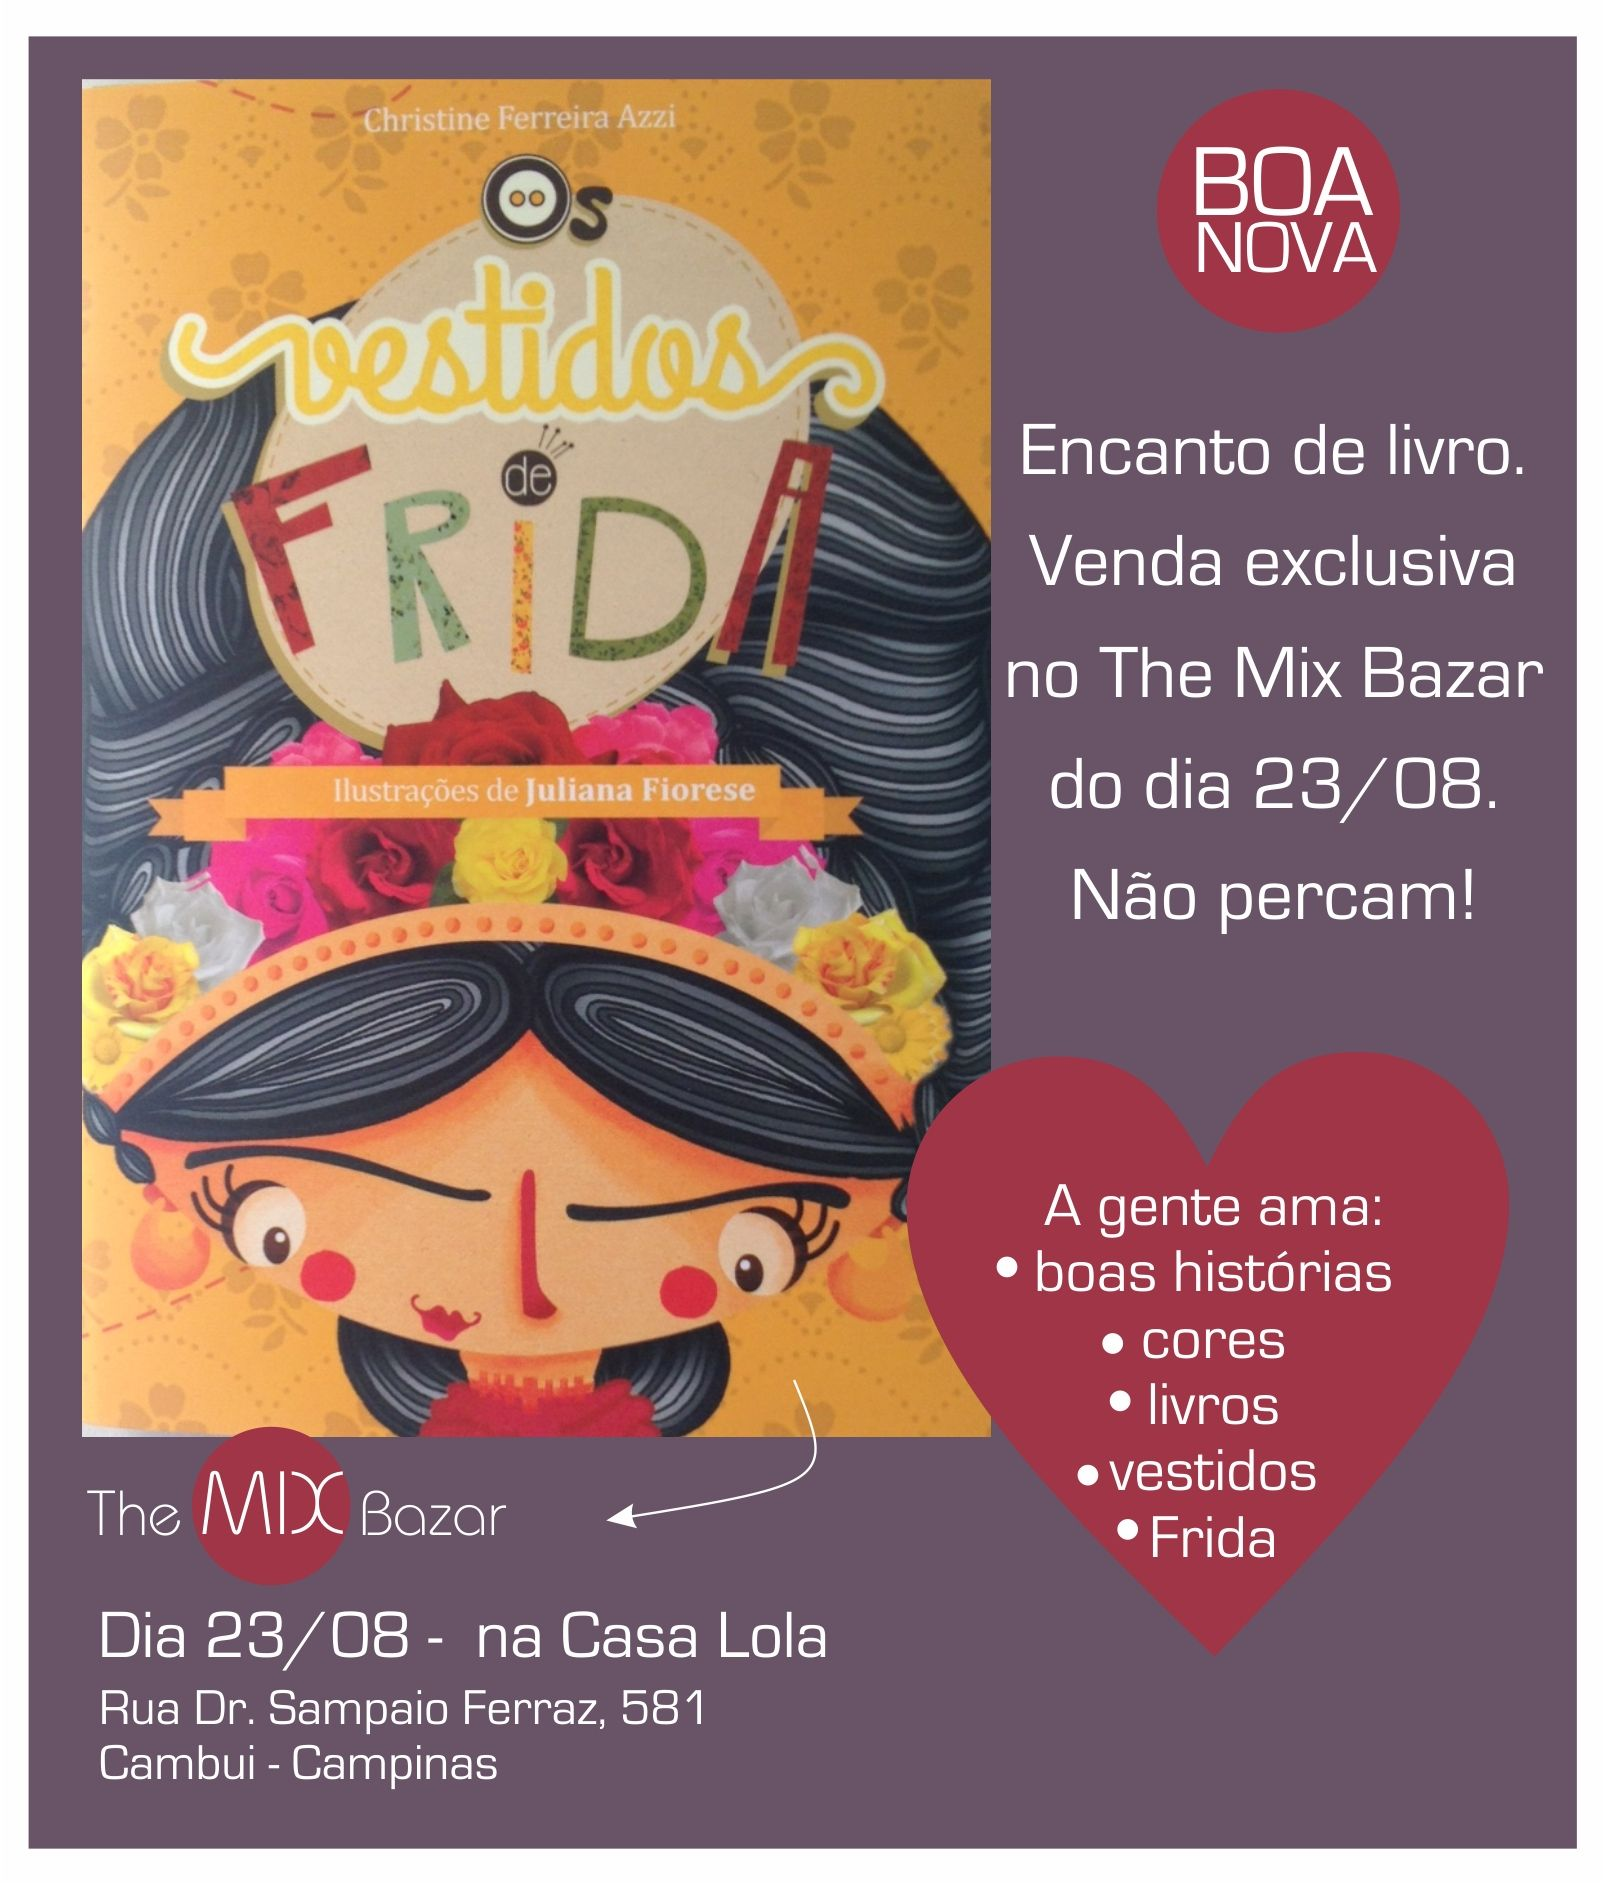 'Para Frida, as roupas eram uma forma de se expressar e mostrar ao  mundo o que ela pensava'. Christine Ferreira Azzi e Juliana Fioresi. Uma contou e a outra desenhou de forma lúdica, didática e deliciosa, a história de Frida Kahlo, suas obras e sua relação com as roupas. O livro foi produzido por meio de financiamento coletivo. Uma boniteza dessa não poderia ficar de fora do The Mix Bazar. #themixbazar #casalola #bazar #frida #osvestidosdefrida